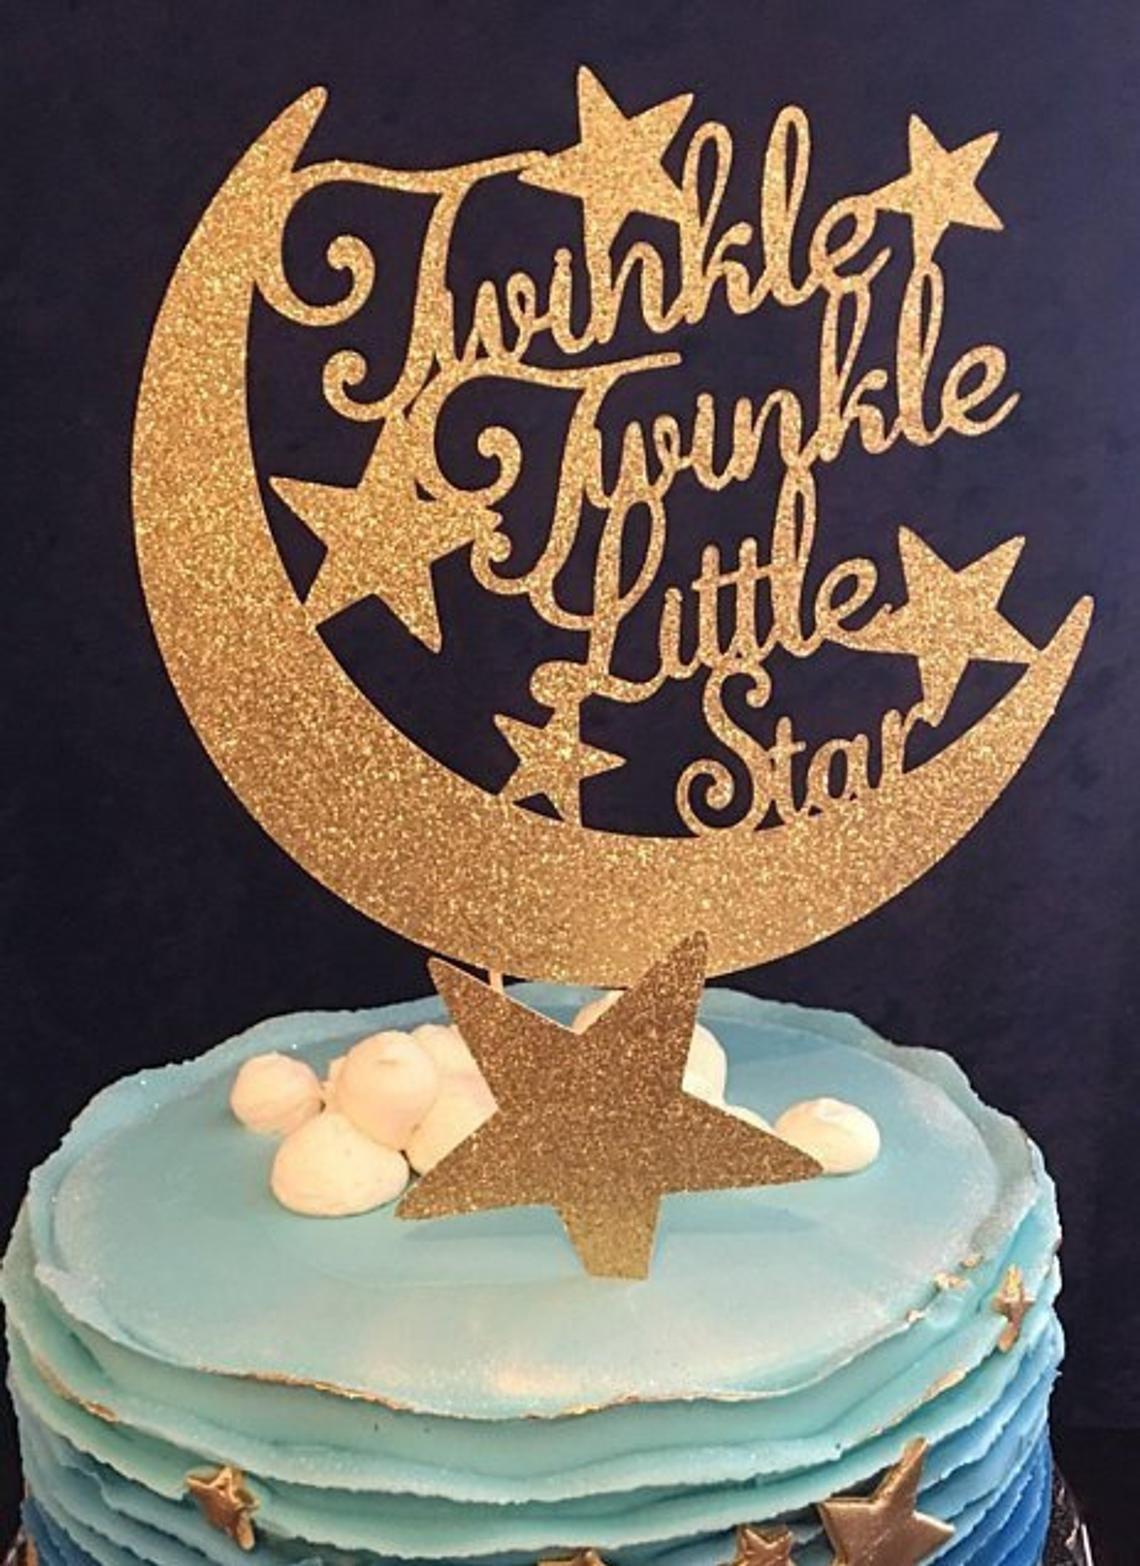 Twinkle Twinkle Little Star Cake Topper Little Star Birthday Cake Topper Little Star Baby Shower